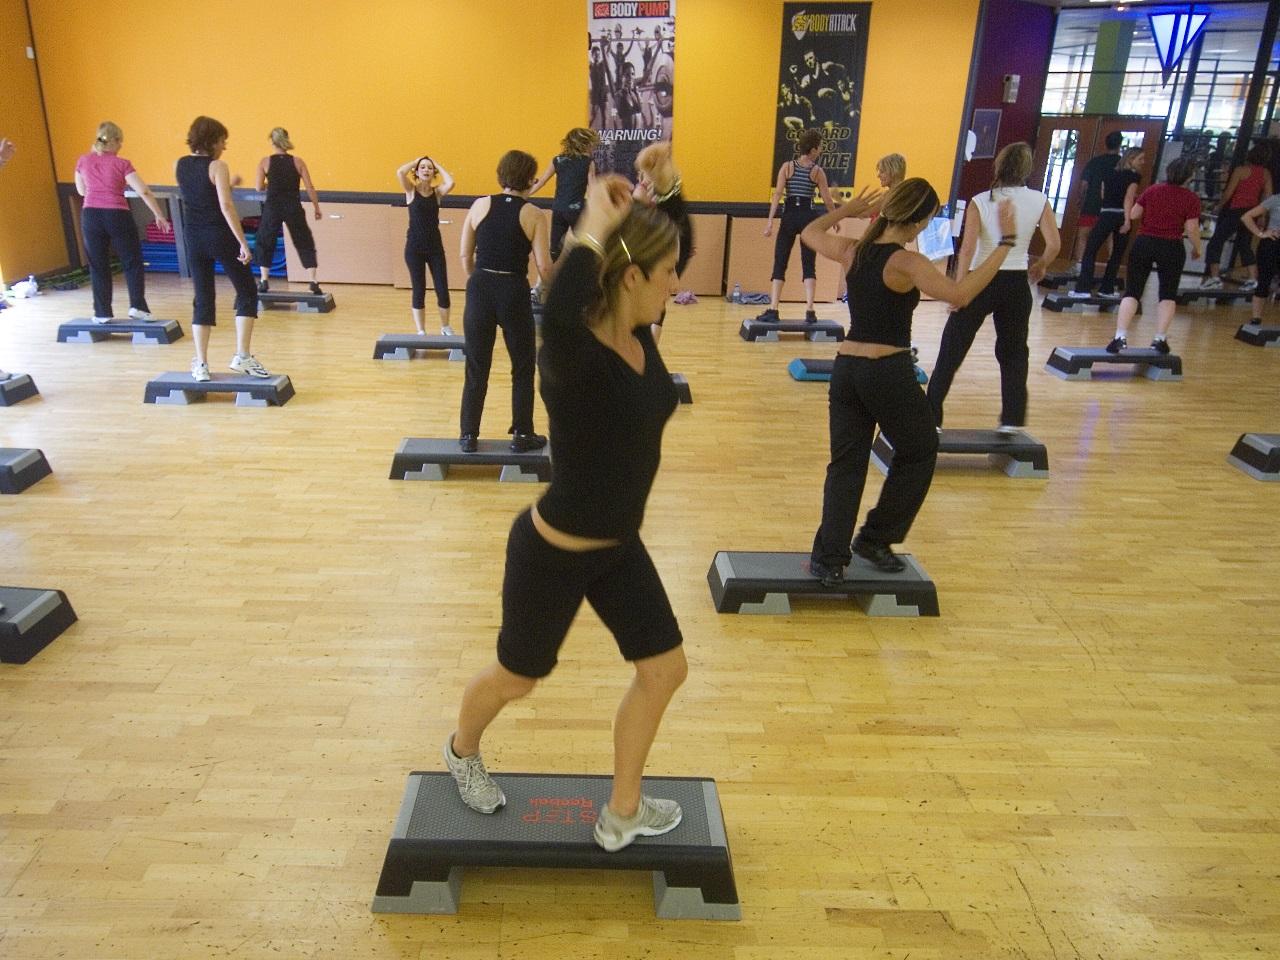 Salle De Sport Privée lyon : des salles de sport interdites aux femmes voilées ?